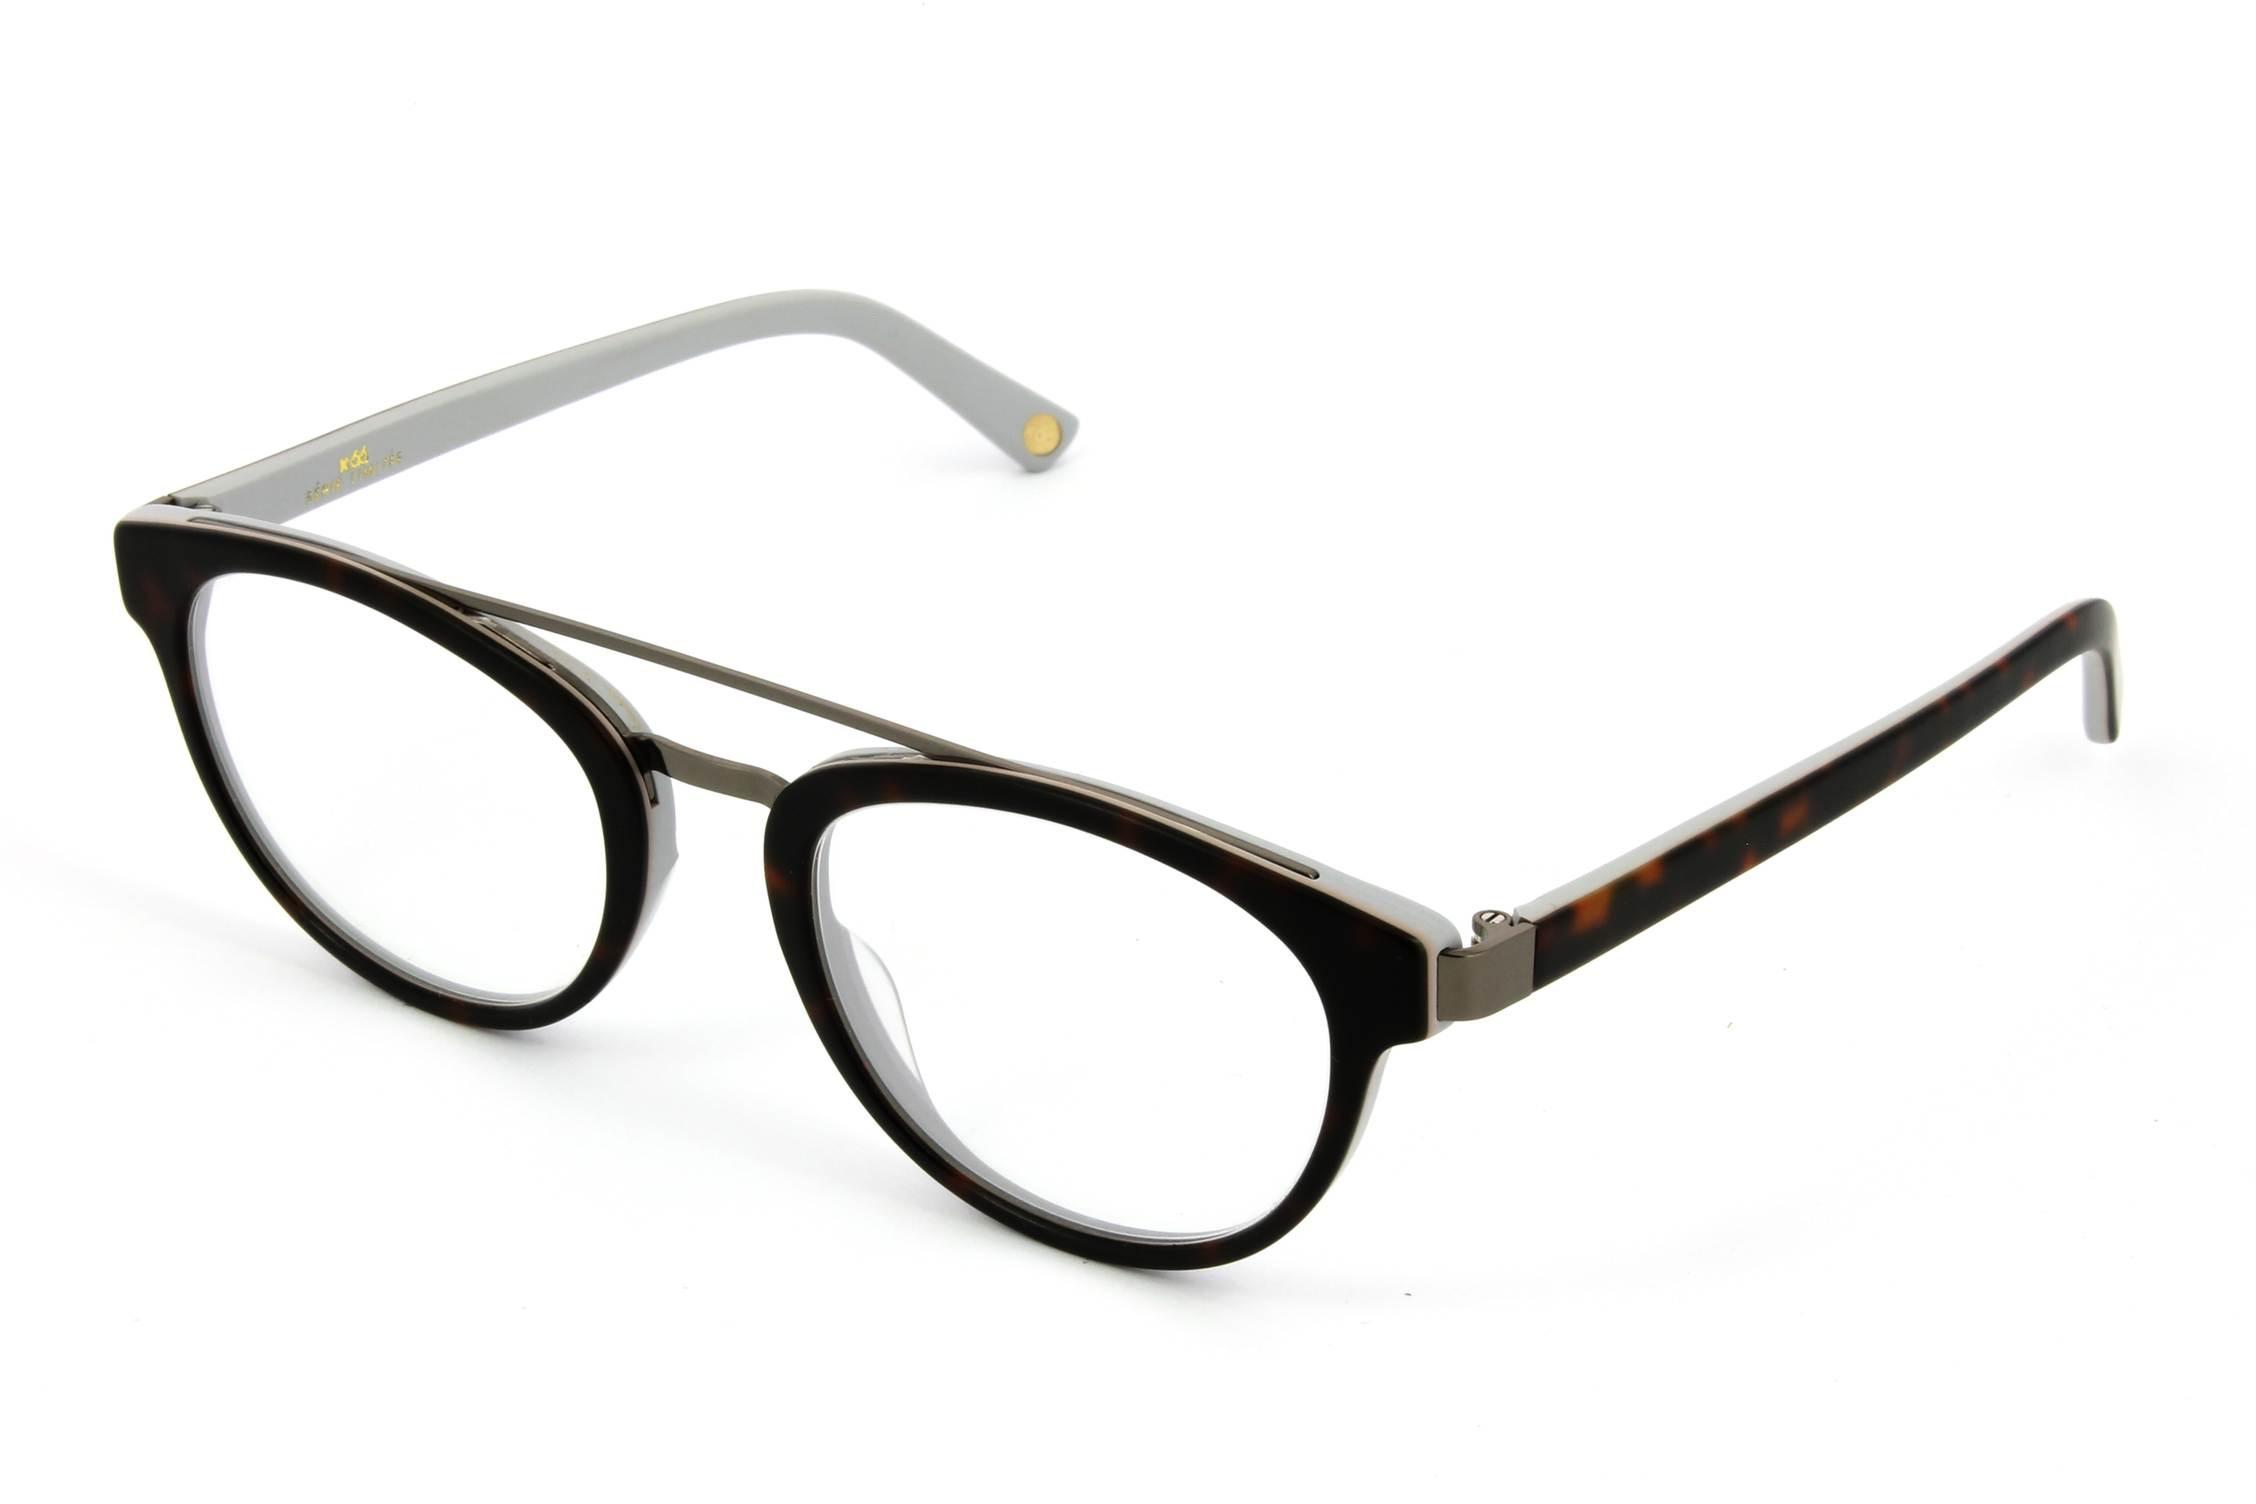 Lunettes de vue : des lunettes pour vous